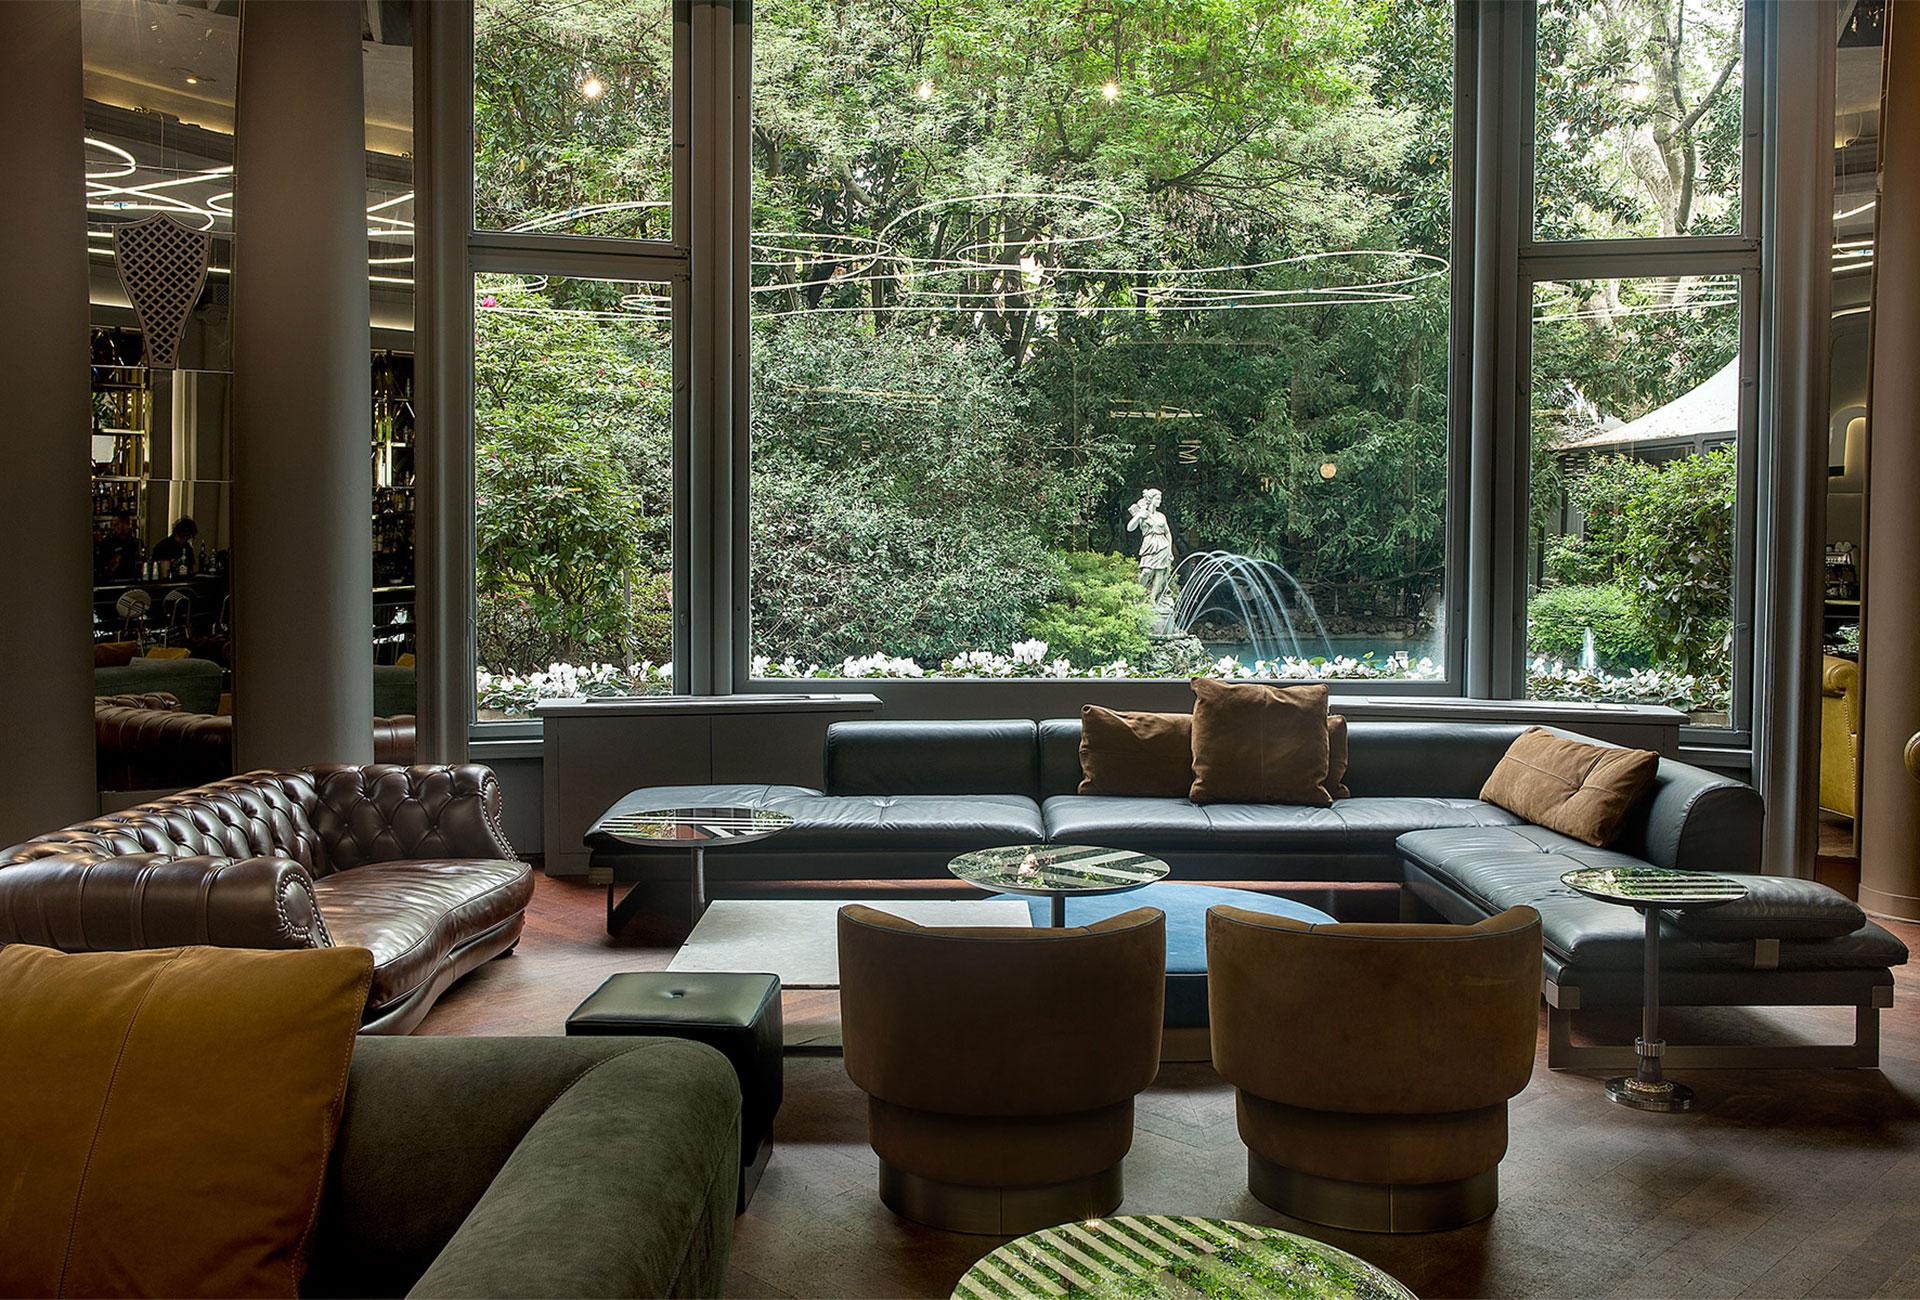 COLAZIONE E APERITIVO A MILANO IN UN PUBLIC HOTEL STRAORDINARIO